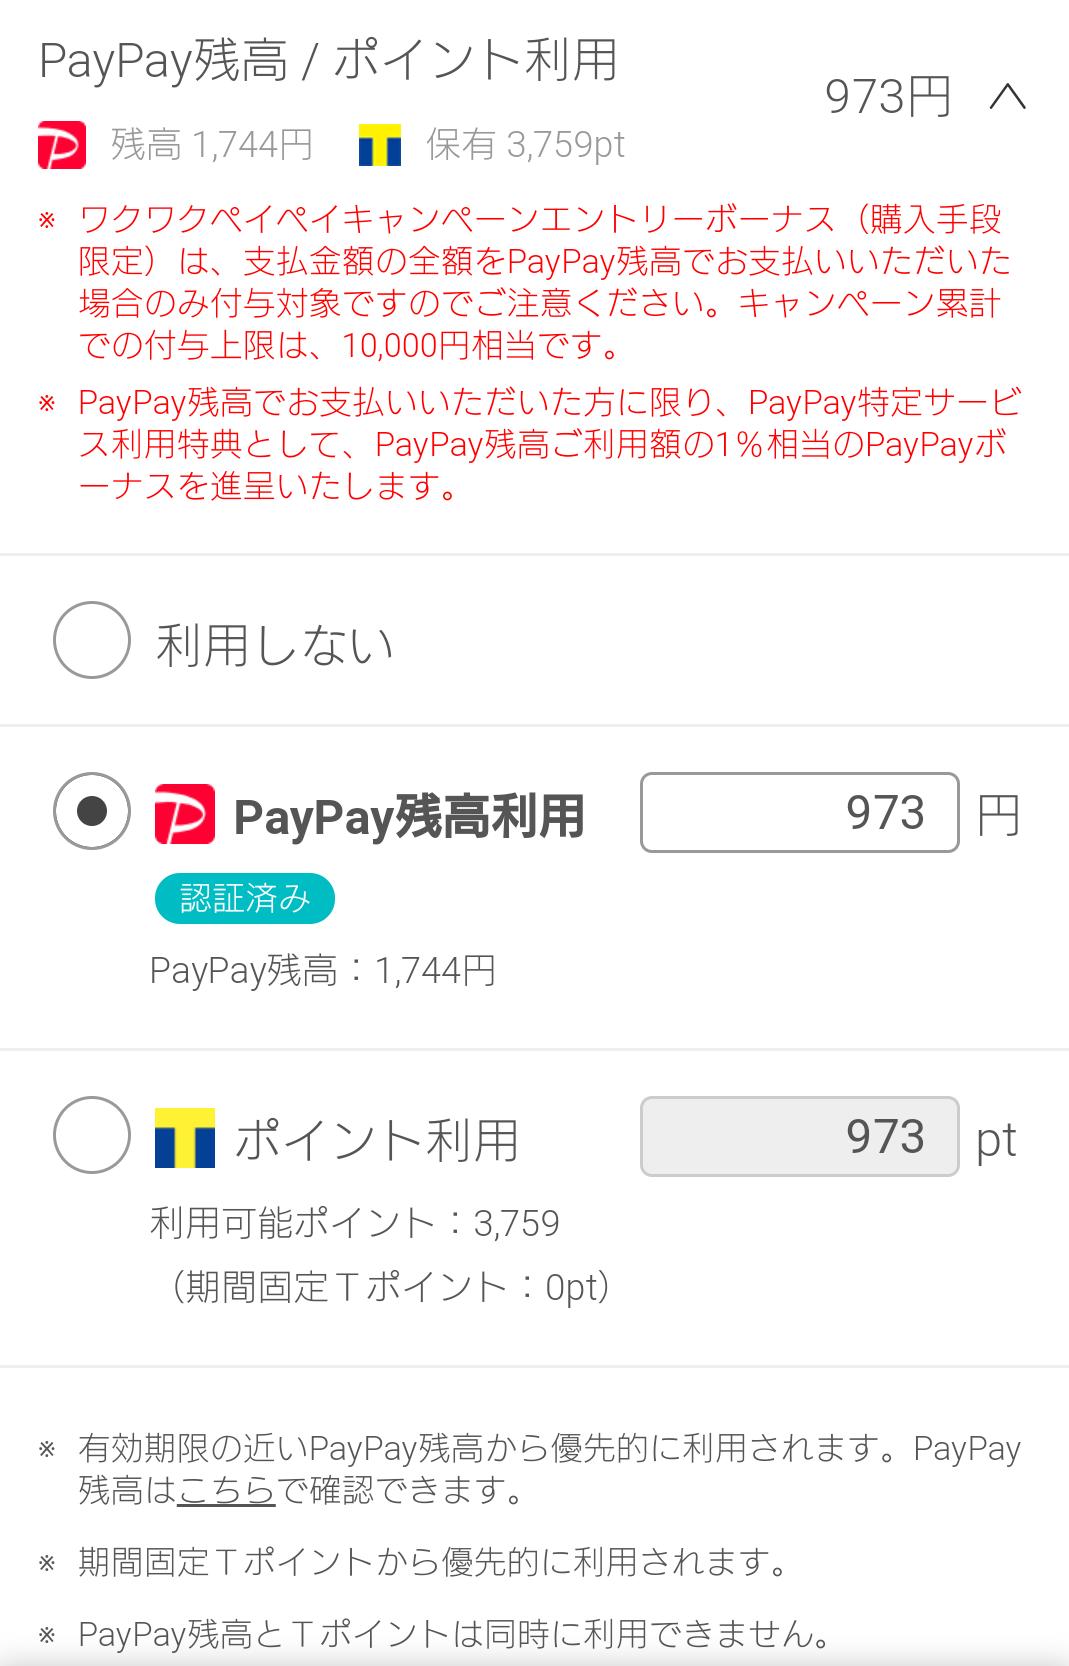 PayPay残高入力